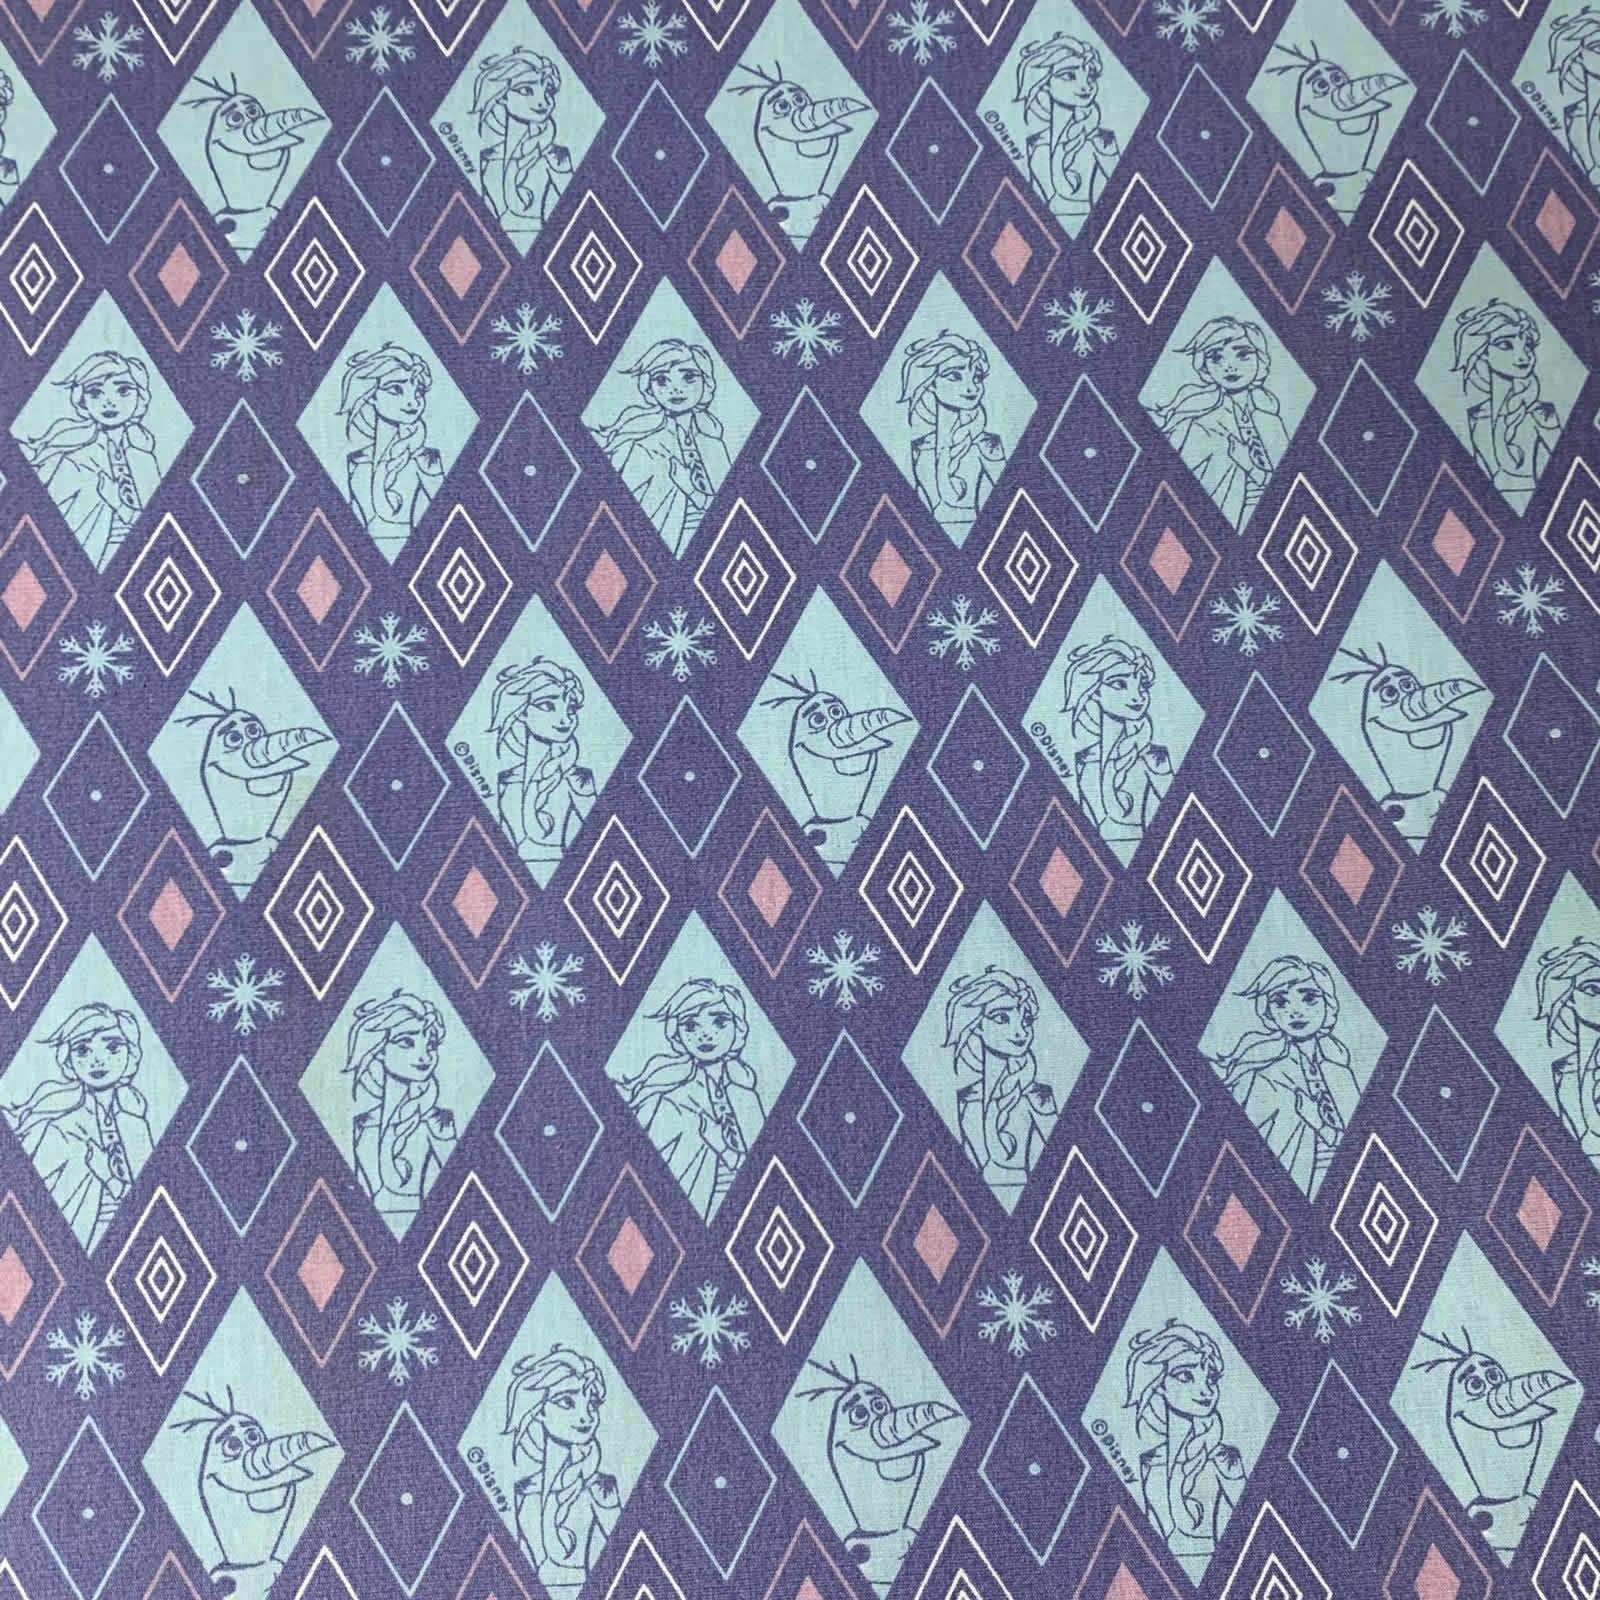 Tecido Tricoline Frozen - 0,50cm x 0,70cm